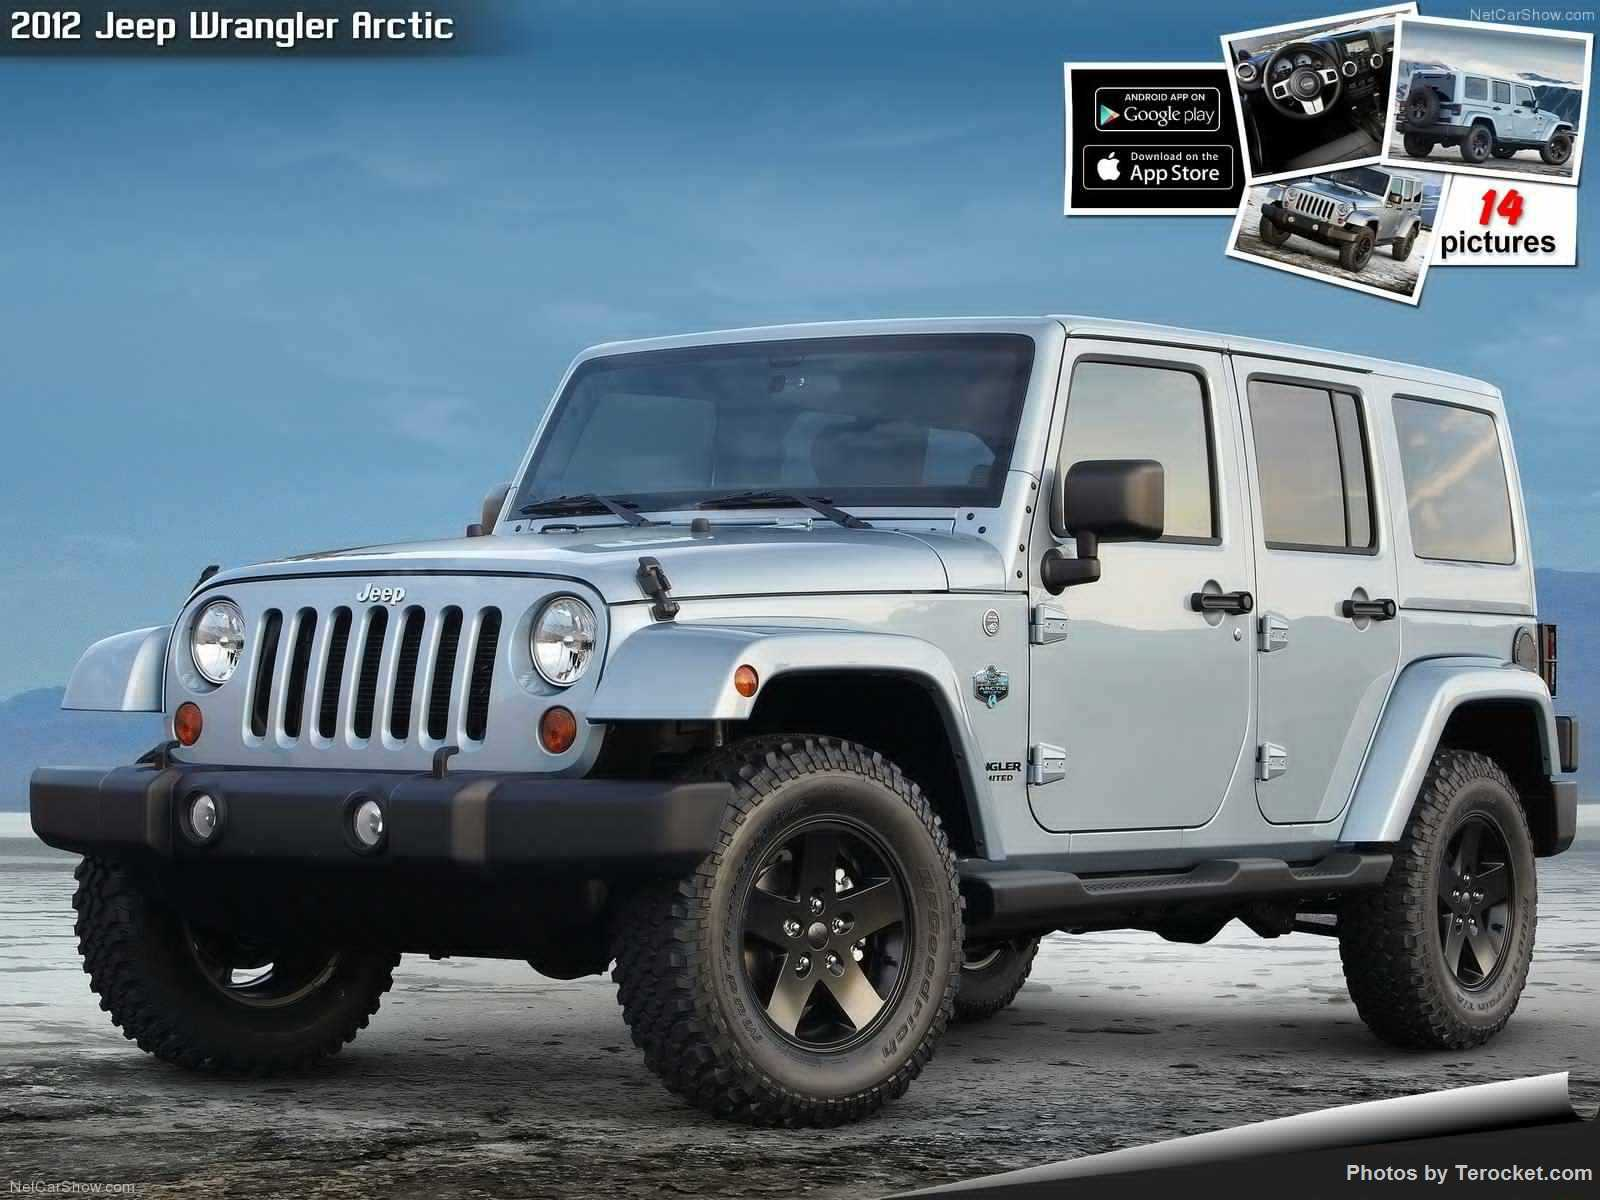 Hình ảnh xe ô tô Jeep Wrangler Arctic 2012 & nội ngoại thất